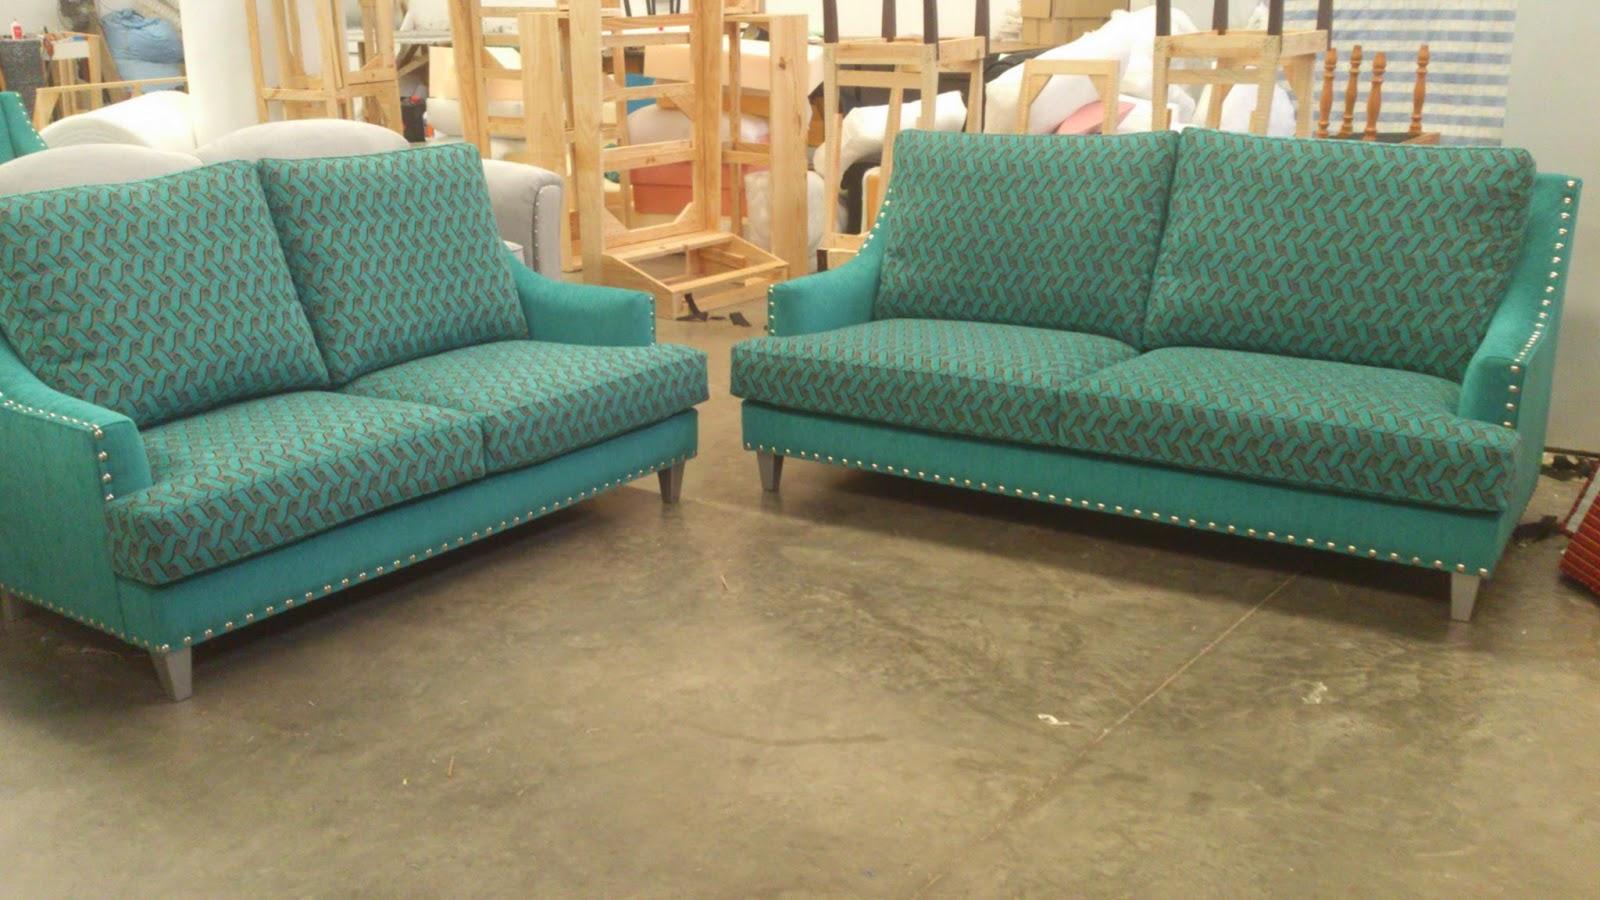 Tapizados de sofas precios finest tapizados de sofas - Precio tapizar sofa ...